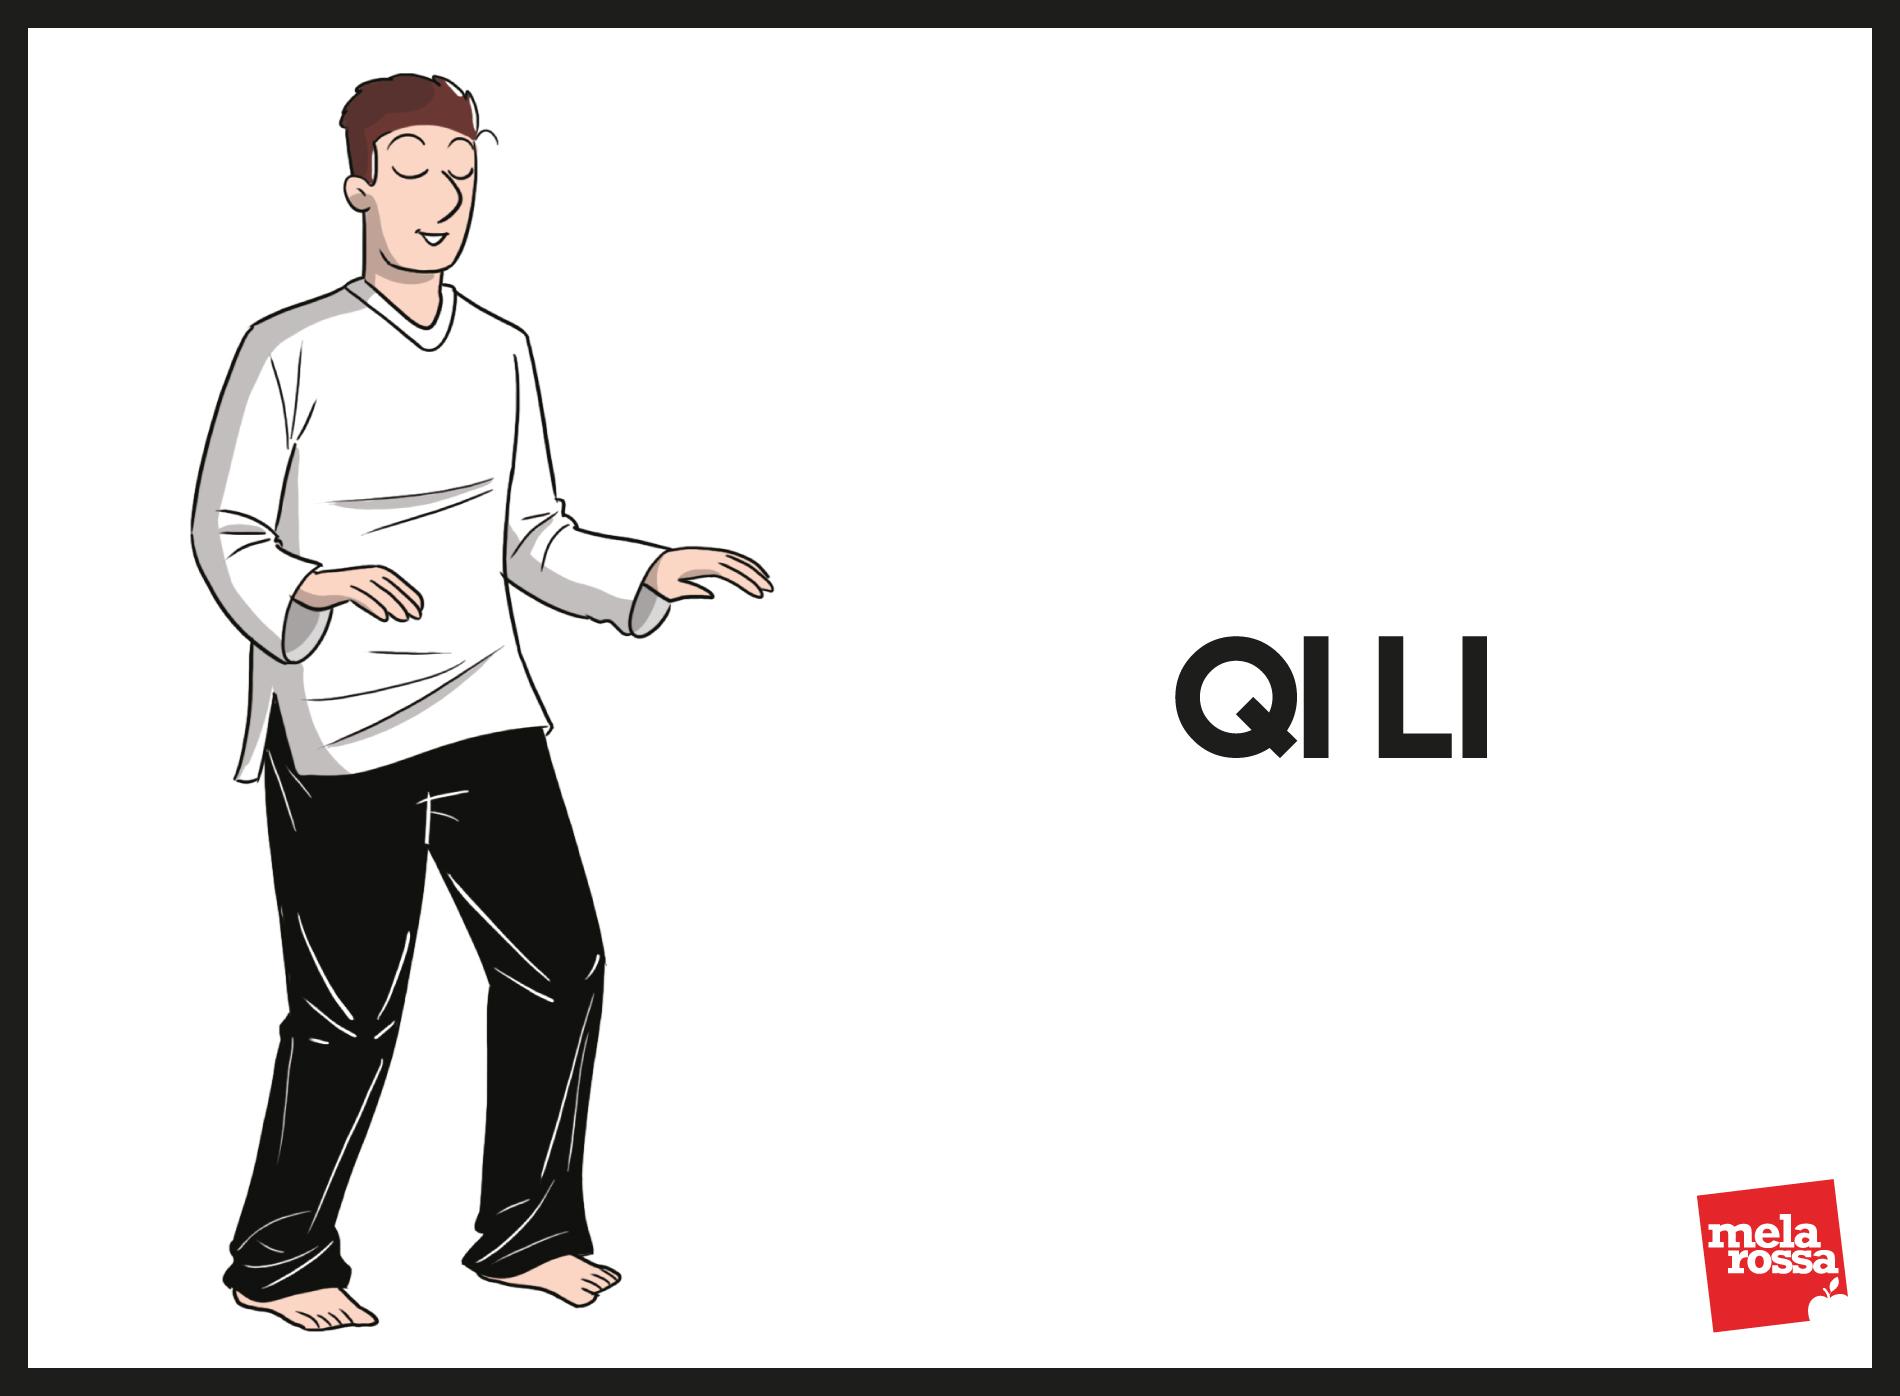 tai chi: esercizio base Qi li